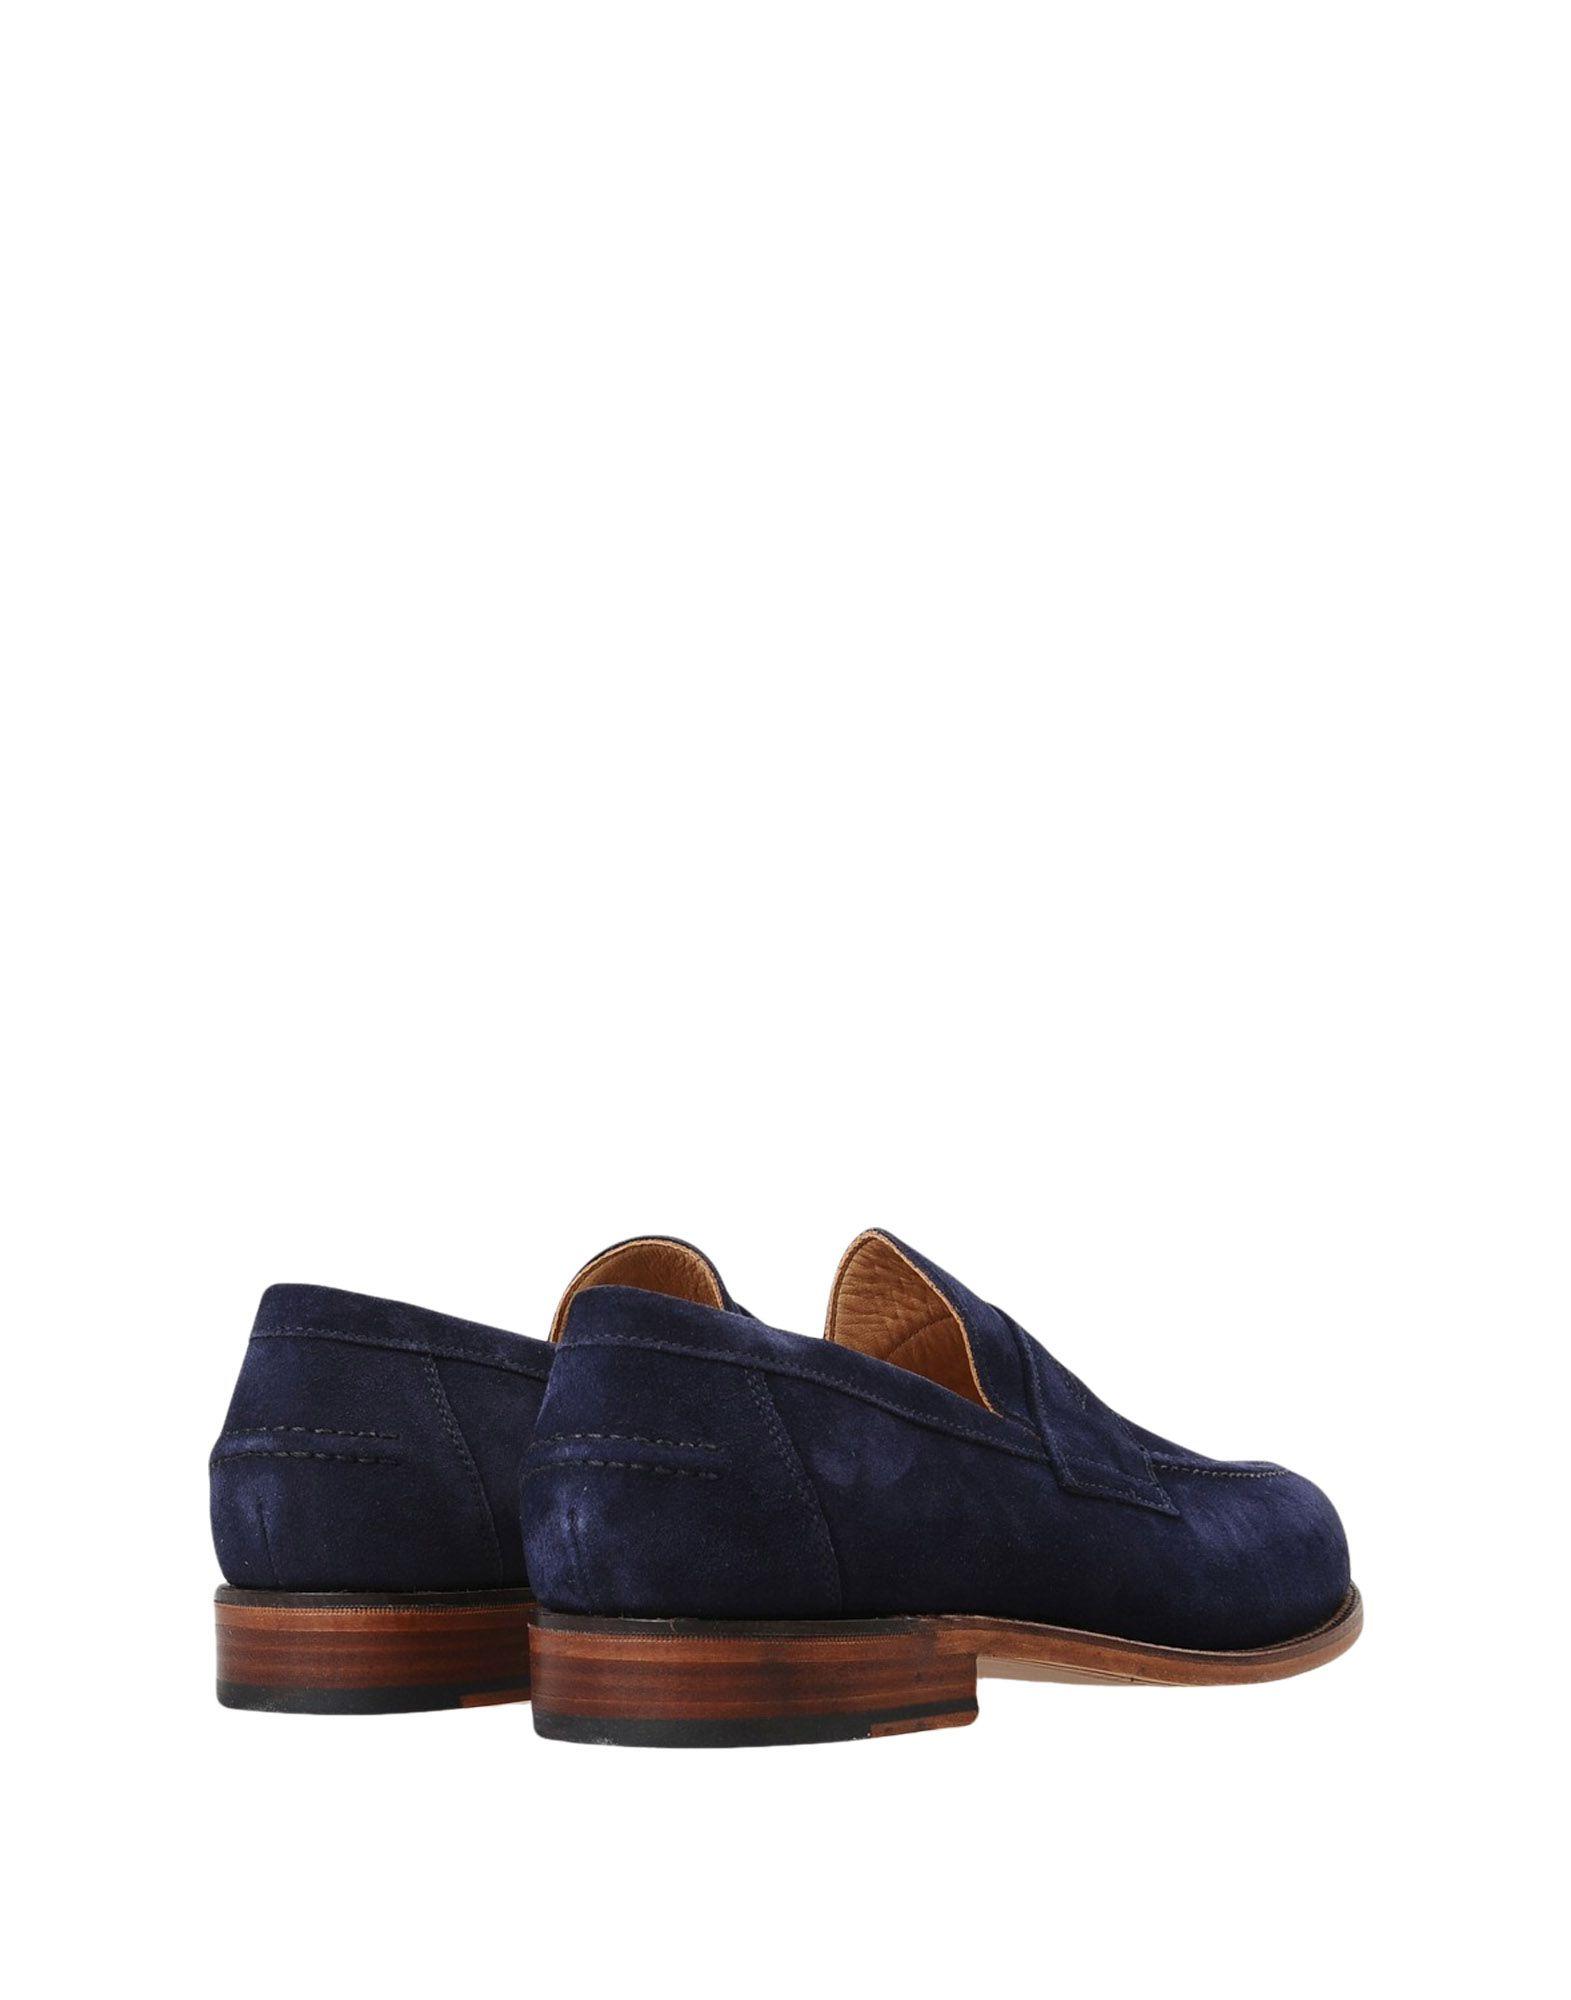 Mocassins Sanders Aldwych - Black Suede Loafer, Leather Sole - Homme - Mocassins Sanders sur